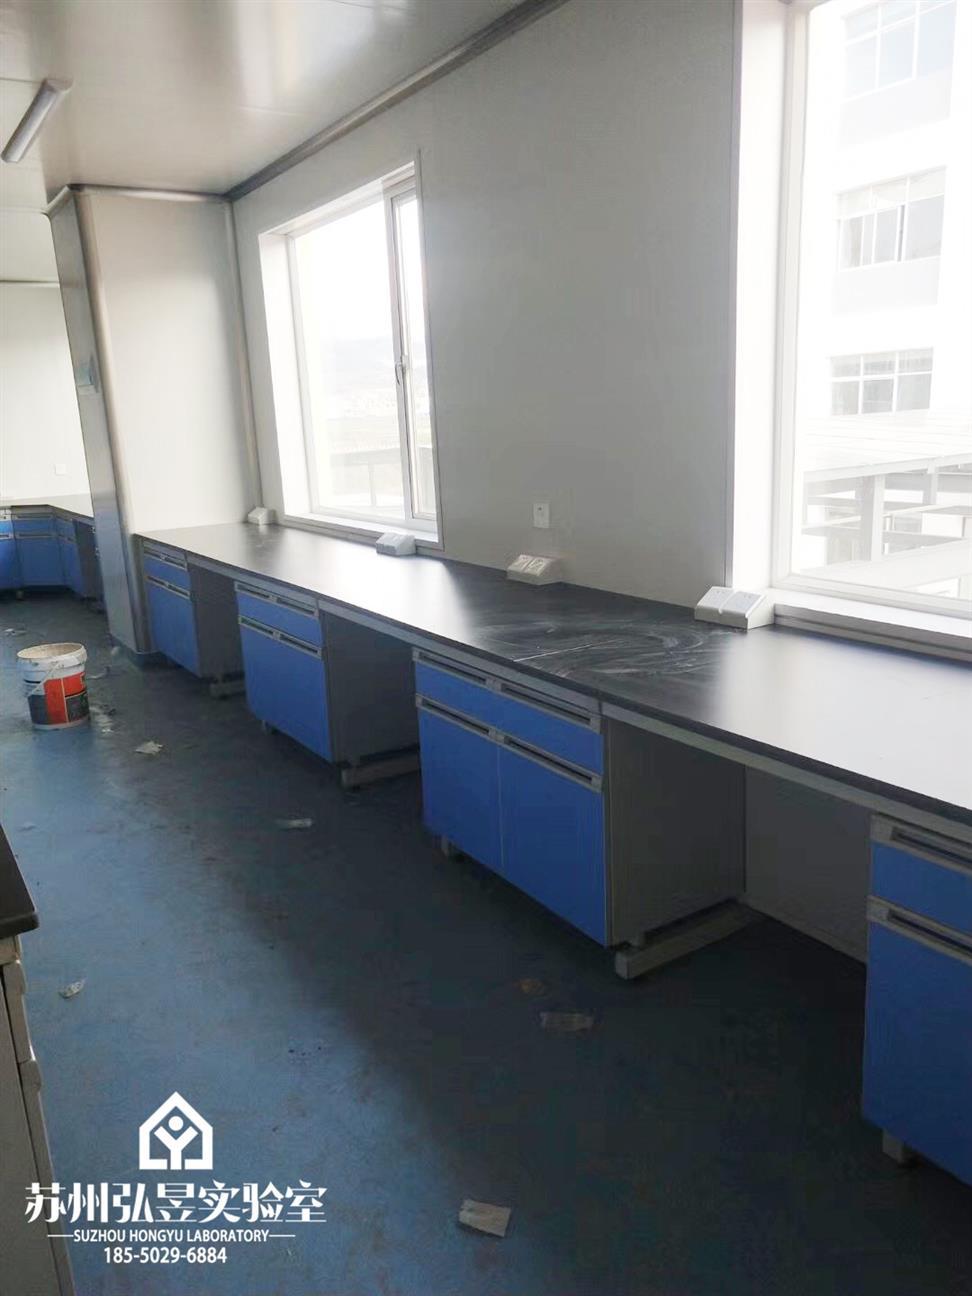 安庆食品检测全钢木实验台通风柜生产厂家 橱柜 全国均可发货